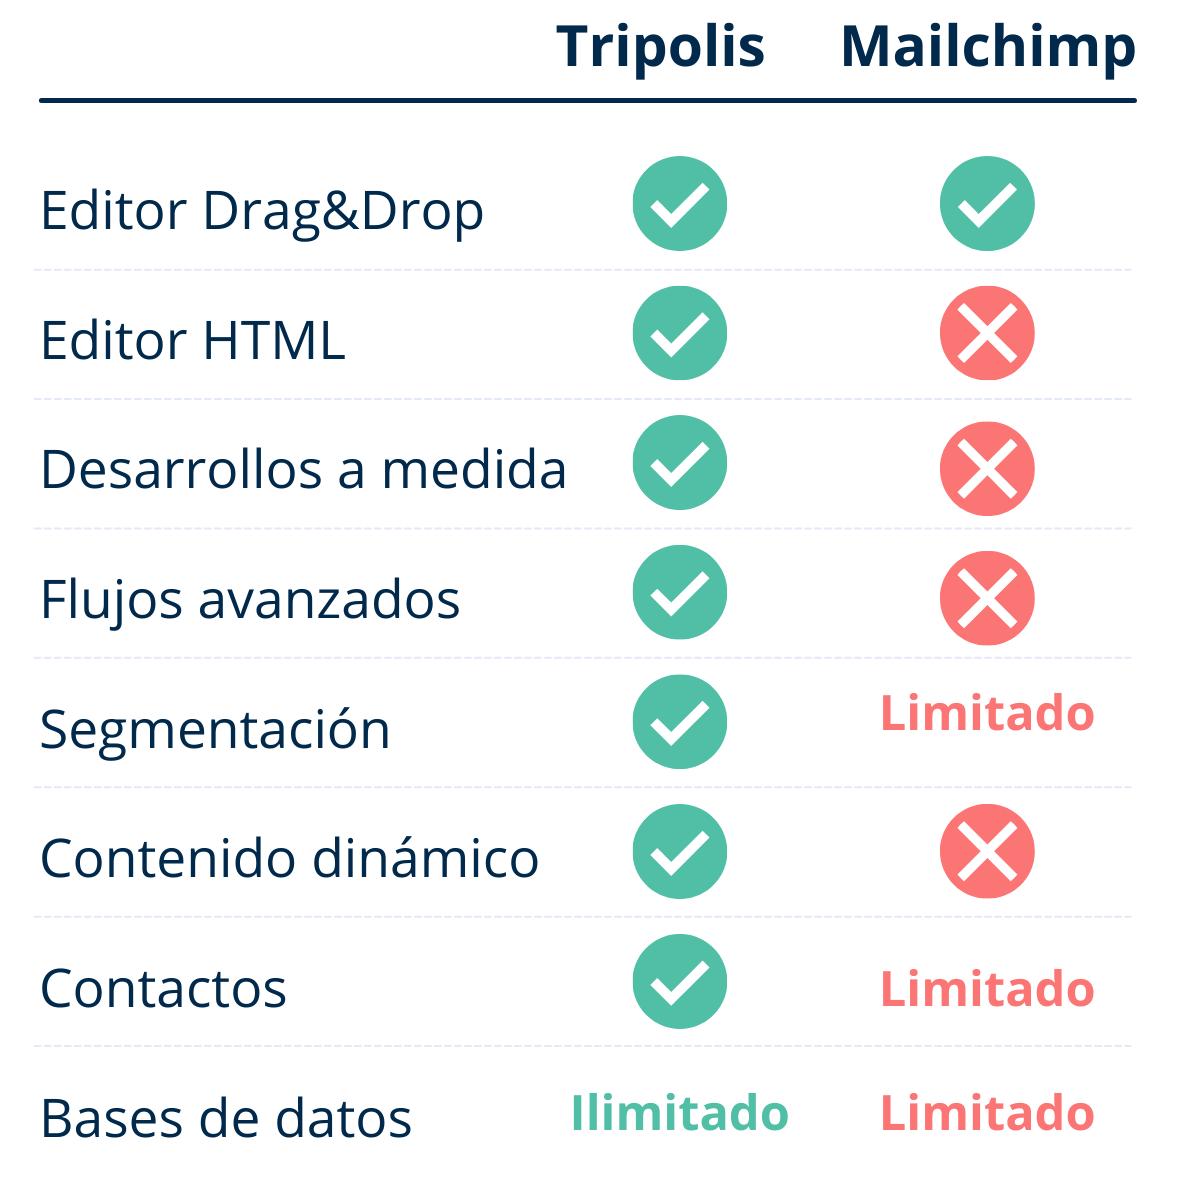 ES Tripolis vs Mailchimp Funcionalidades